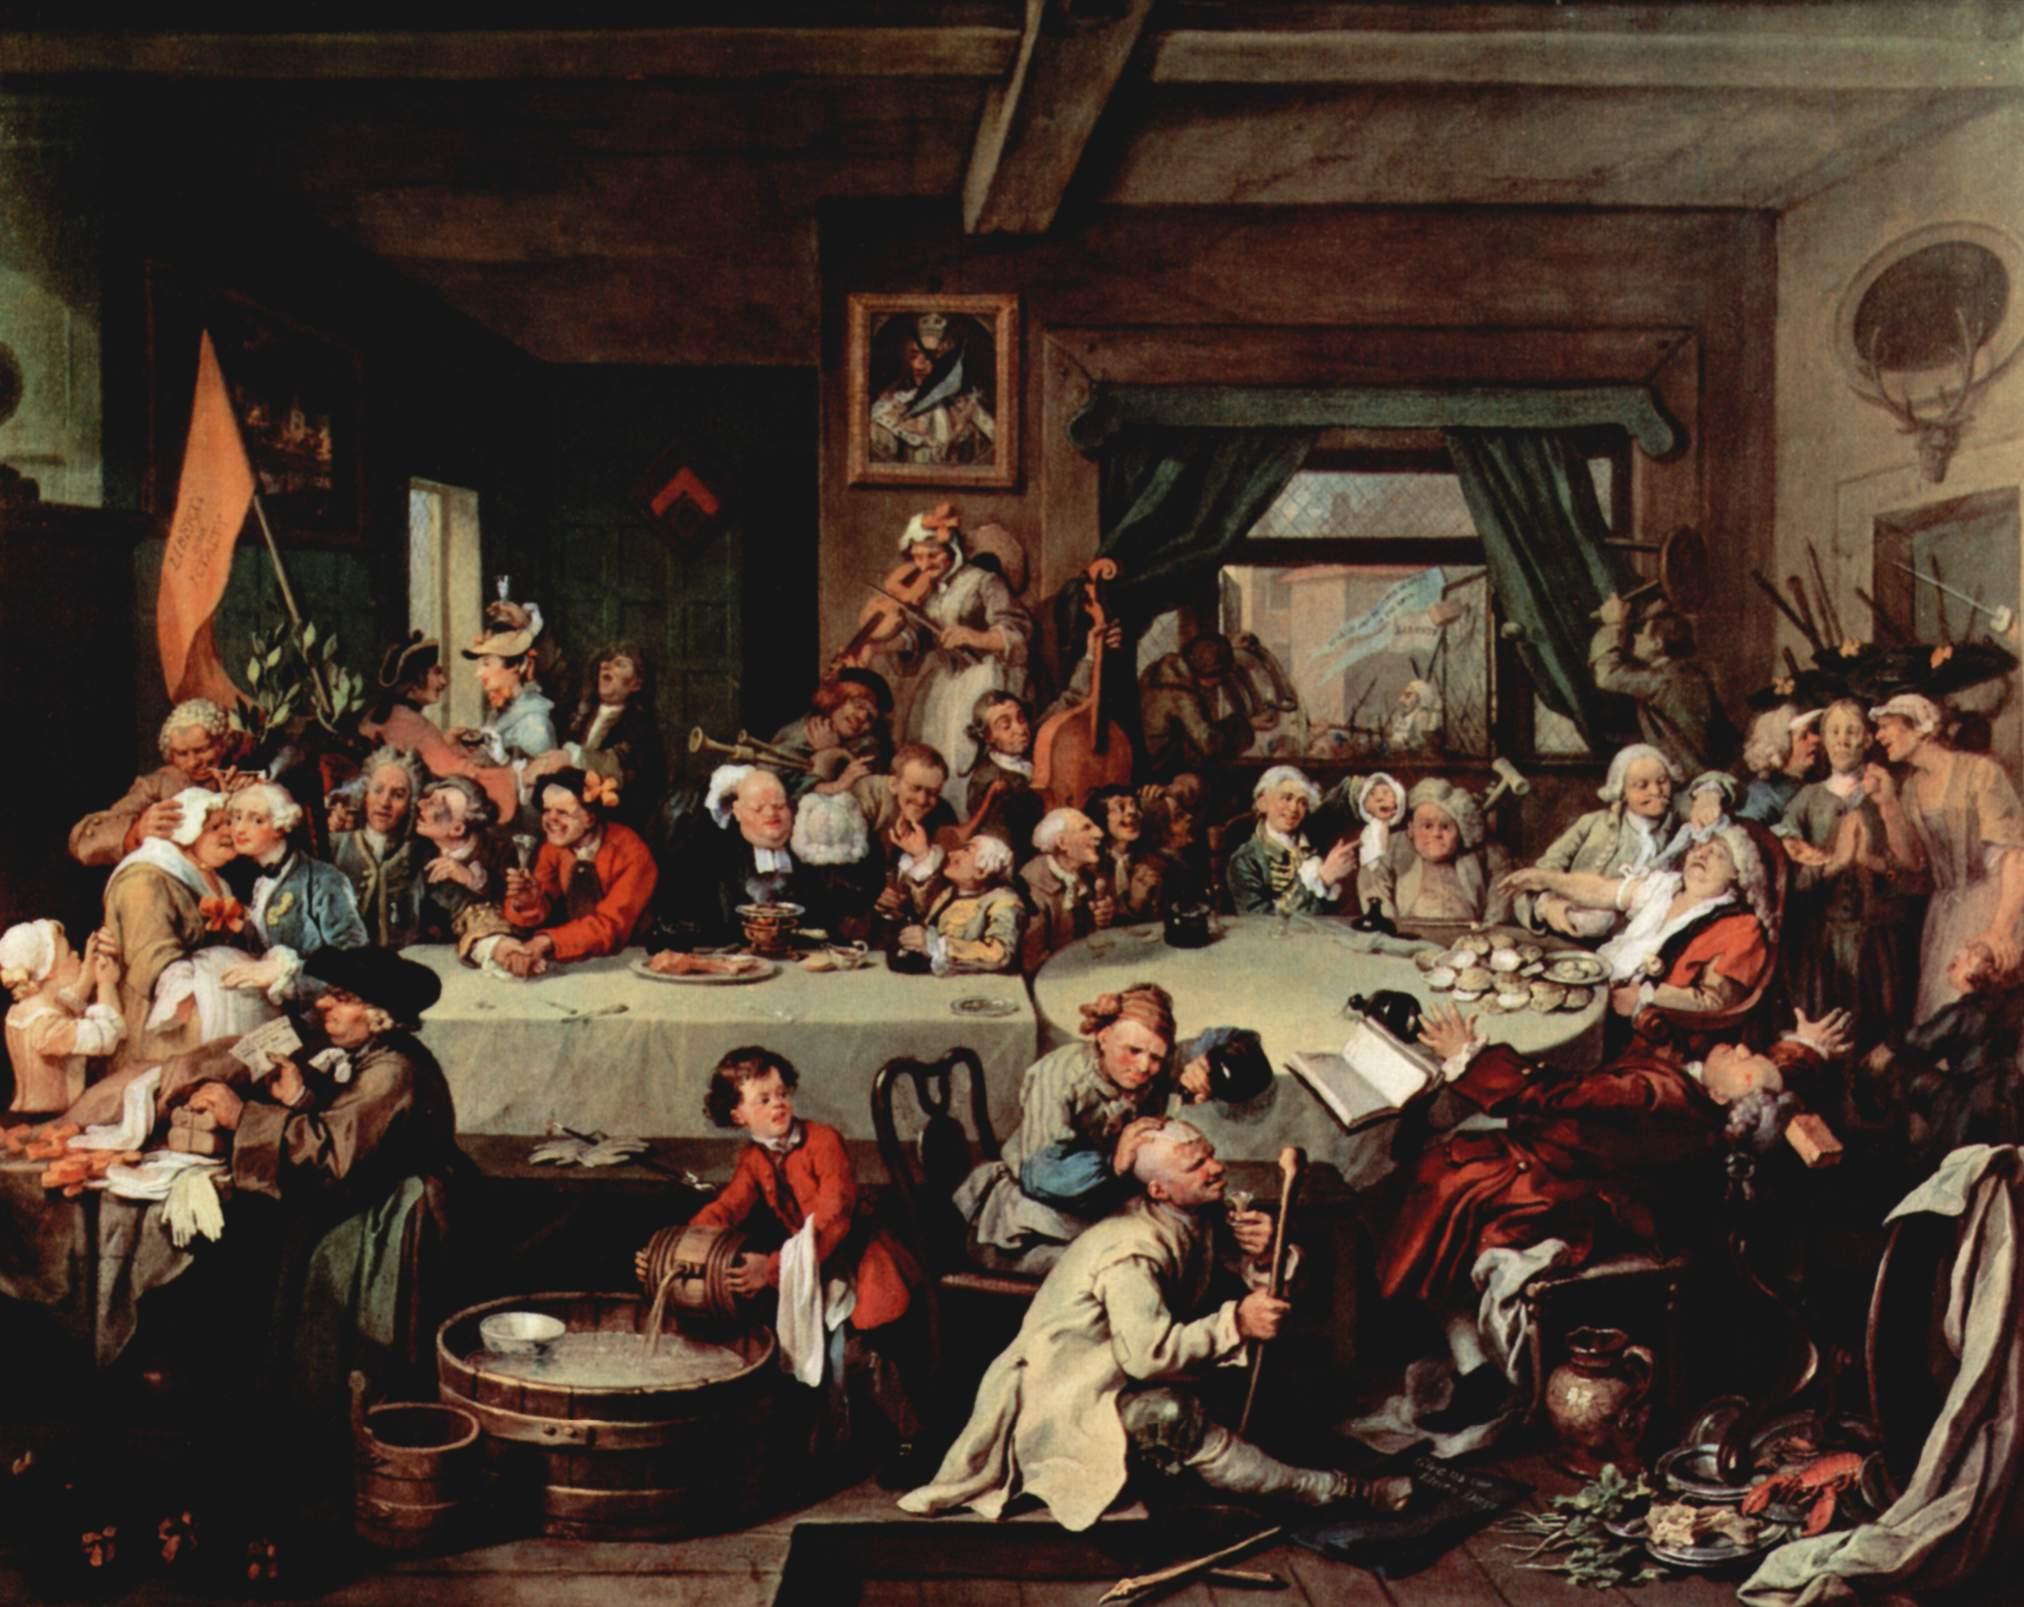 Resultado de imagen de Hogarth banquet